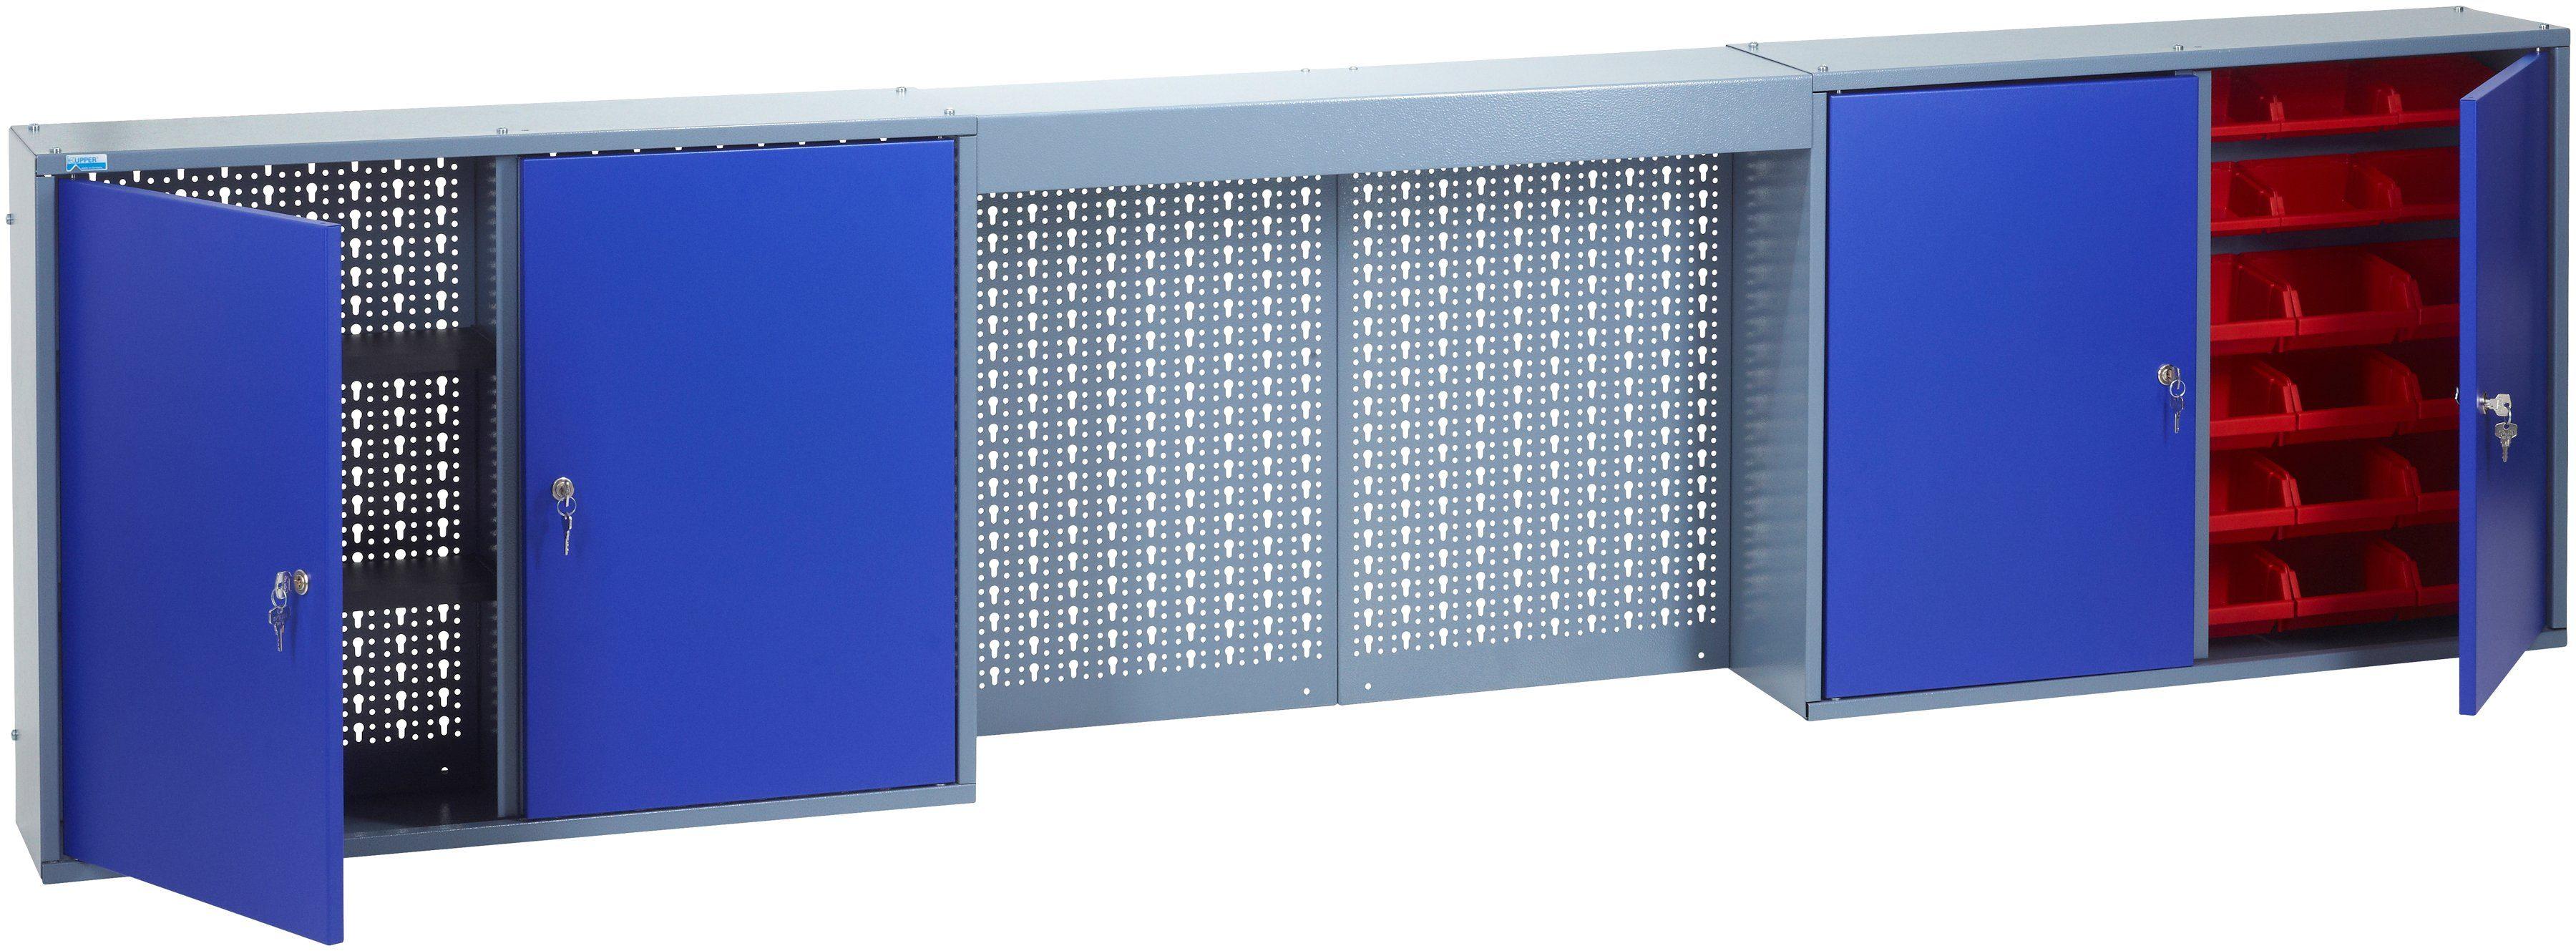 KÜPPER Hängeschrank »mit Lichtblende, 4 Türen, 4 Einlegeböden, 36 Sichtboxen, in ultramarinblau«